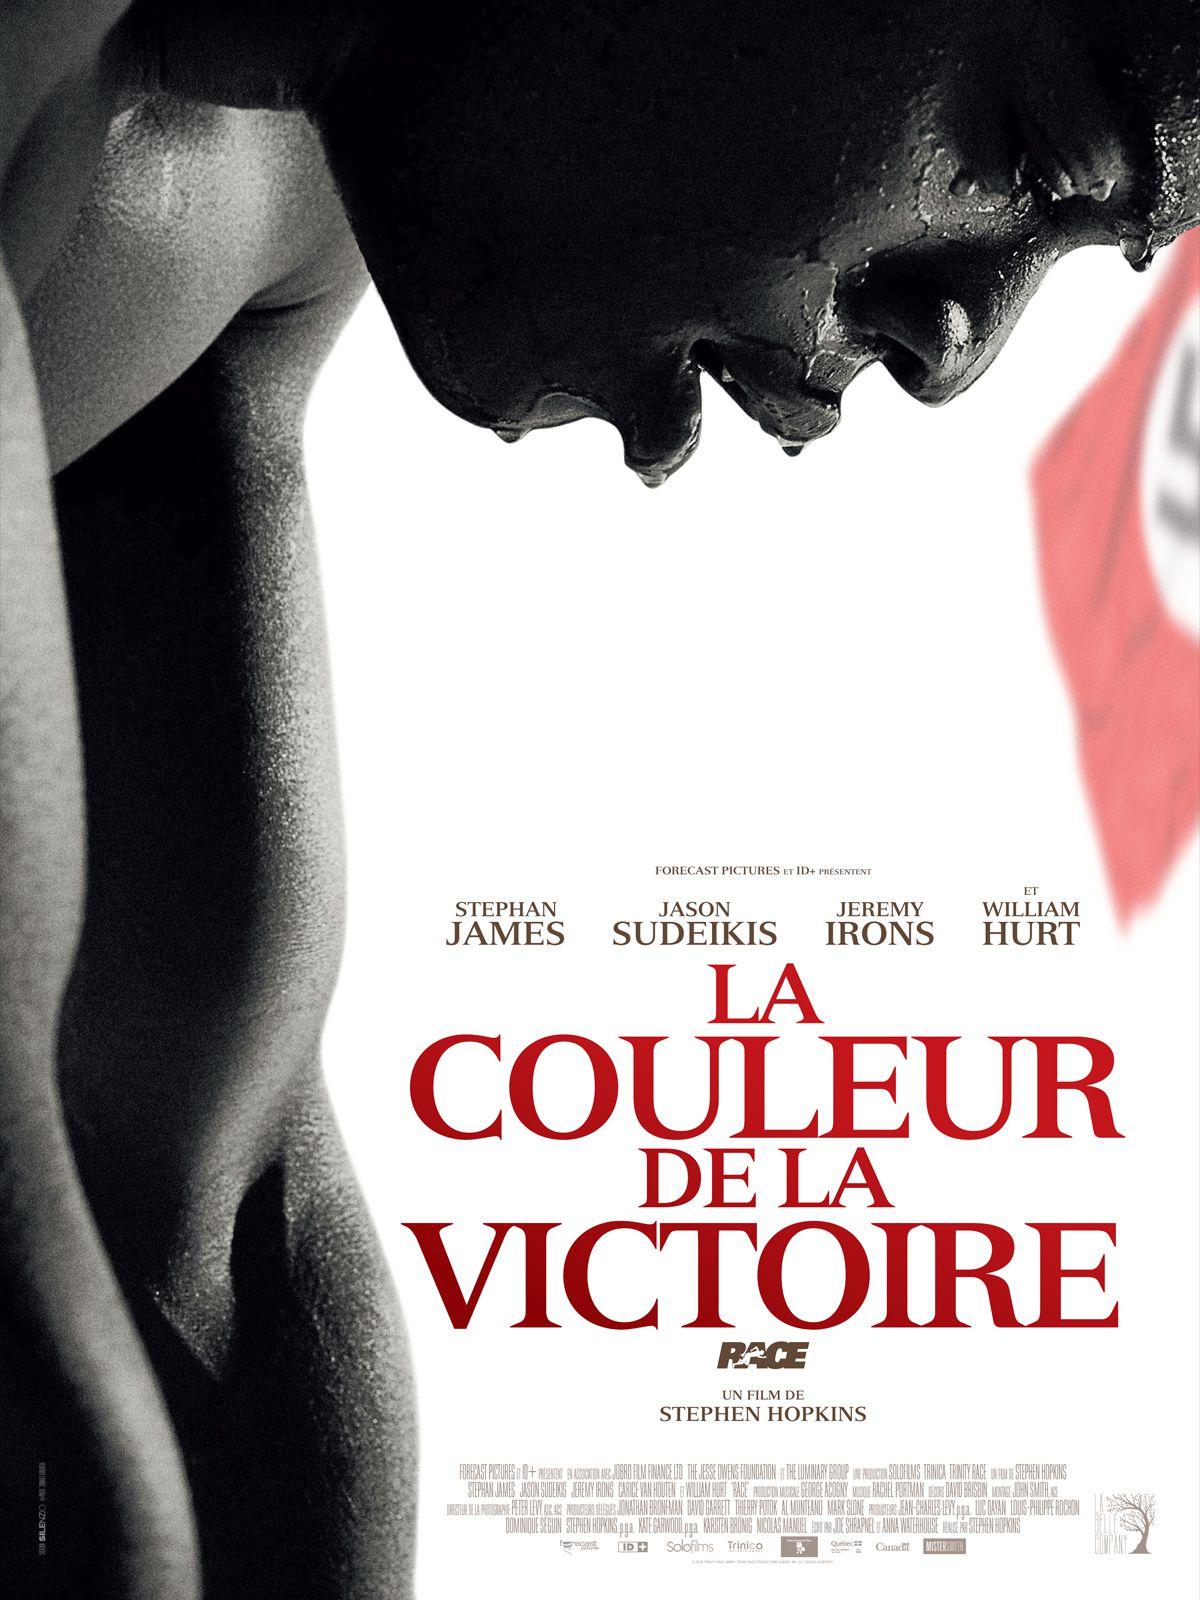 La Couleur de la victoire - Film (2016)